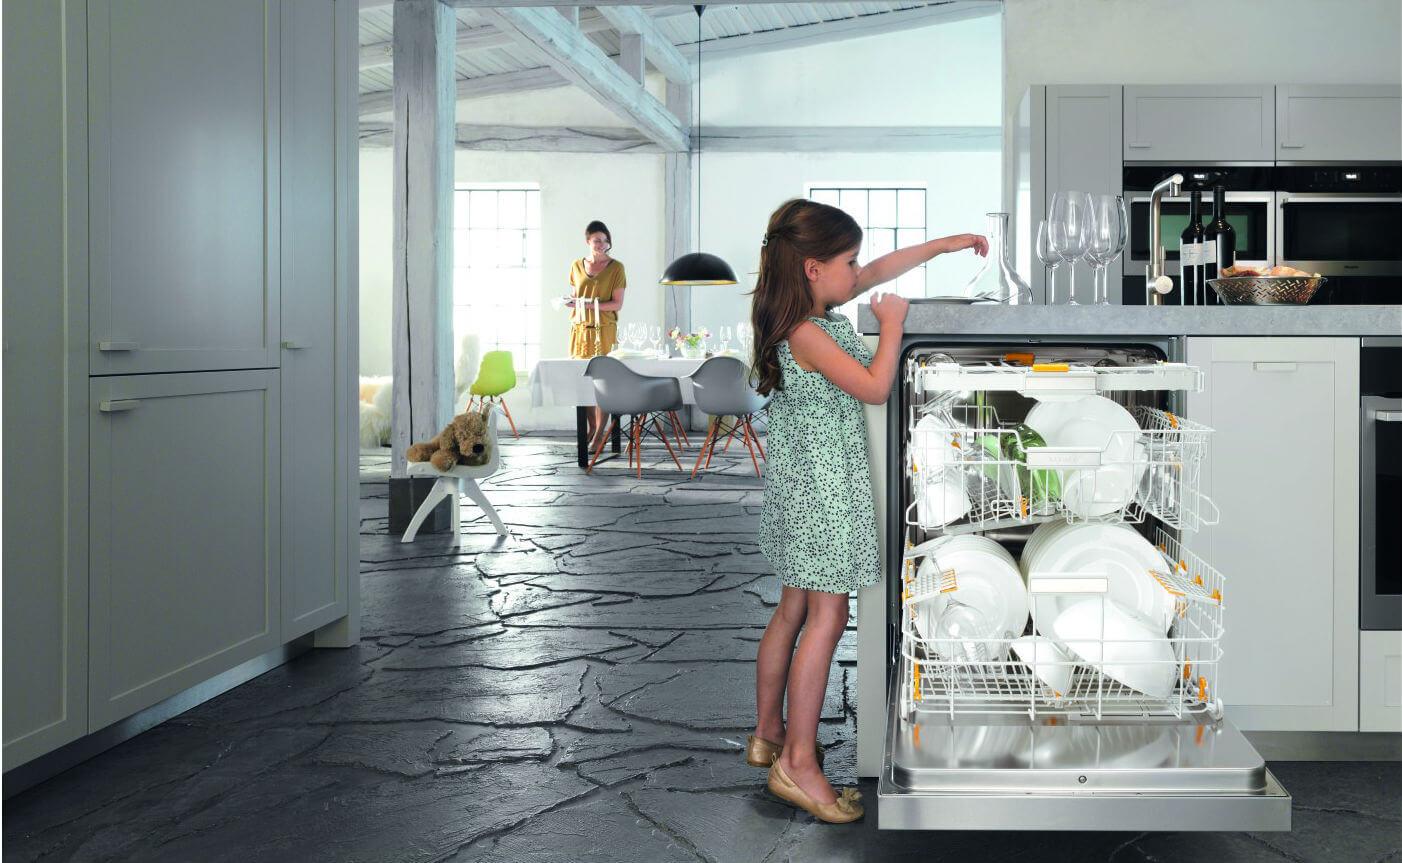 geschirrsp ler richtig einr umen so wird die sp lmaschine optimal beladen k chenfinder magazin. Black Bedroom Furniture Sets. Home Design Ideas